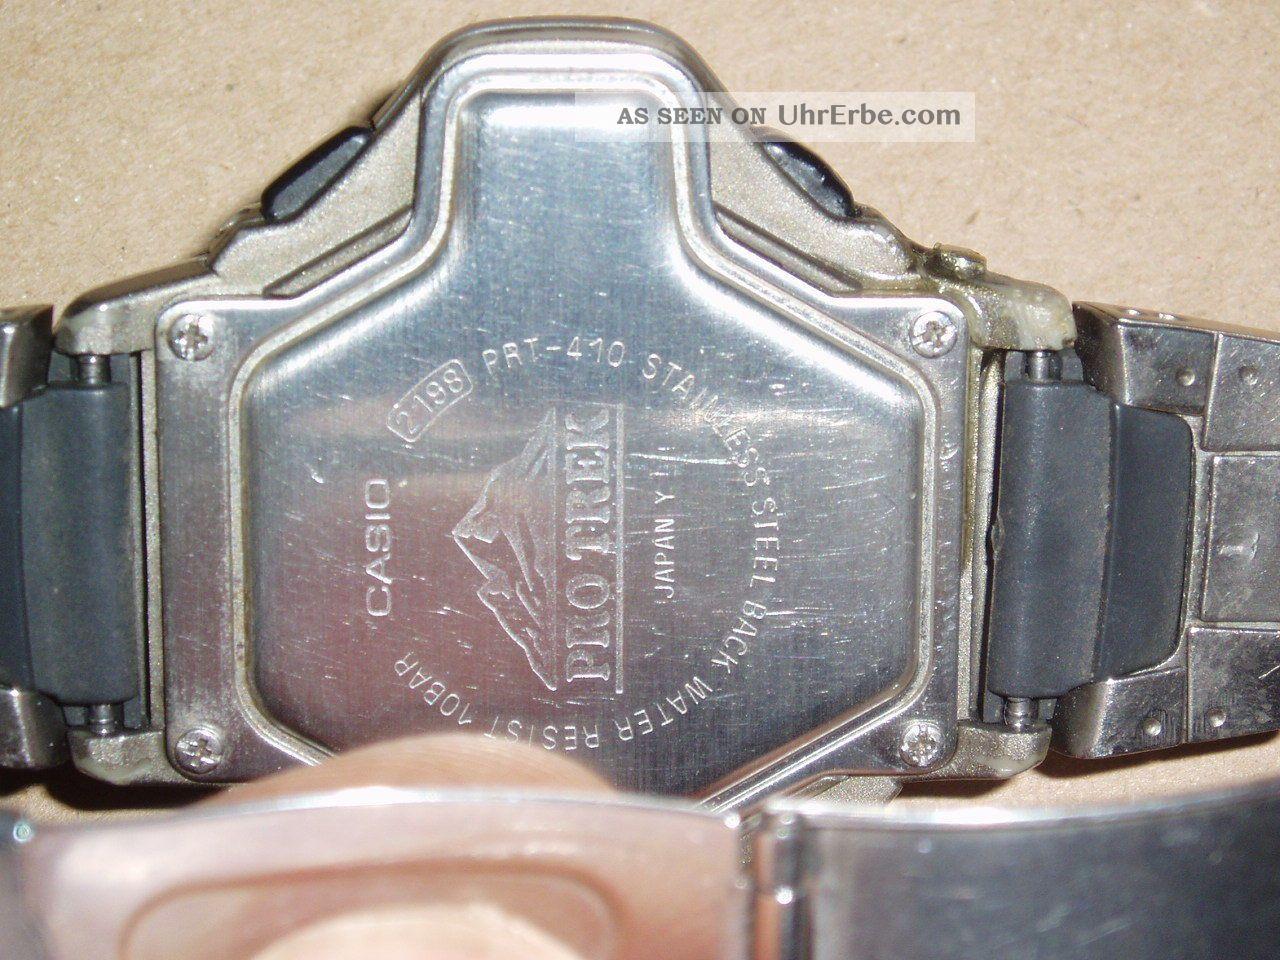 Casio Pro Trek Uhr Prt - 410 Armbanduhren Bild